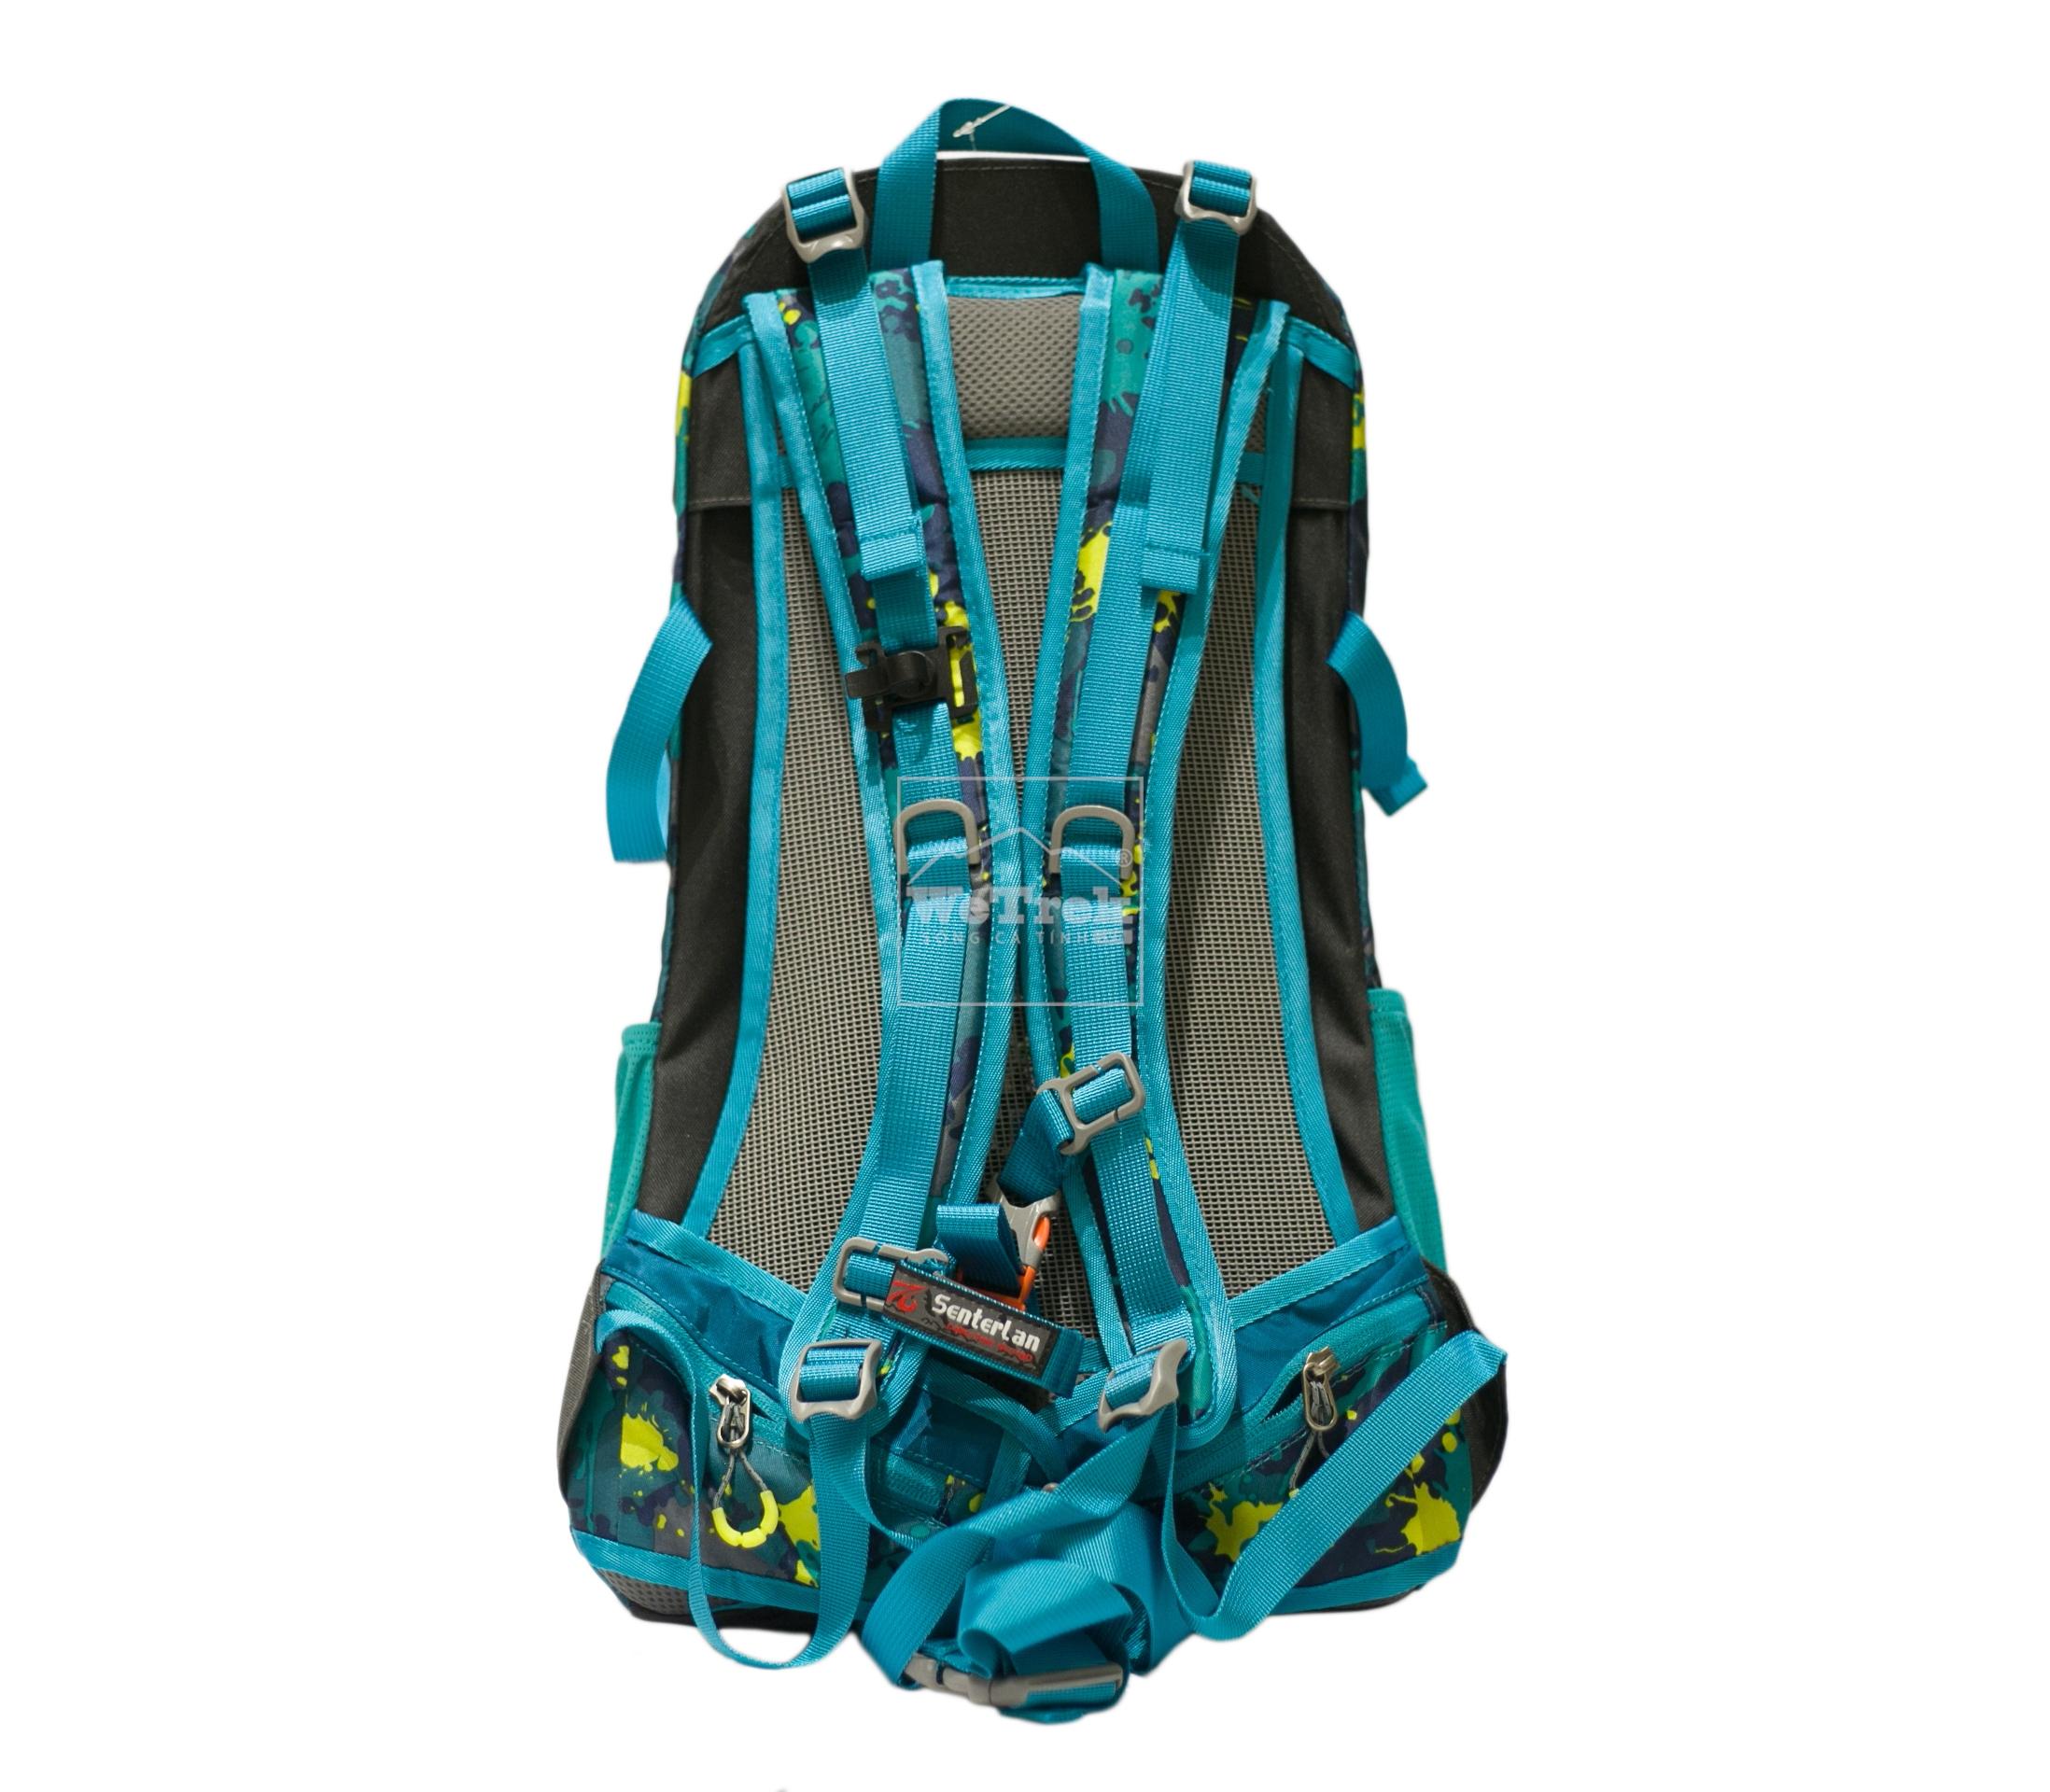 4-balo-leo-nui-Senterlan-Adventure-S2951-8455-hoa-tiet-xanh-la-wetrekvn.jpg